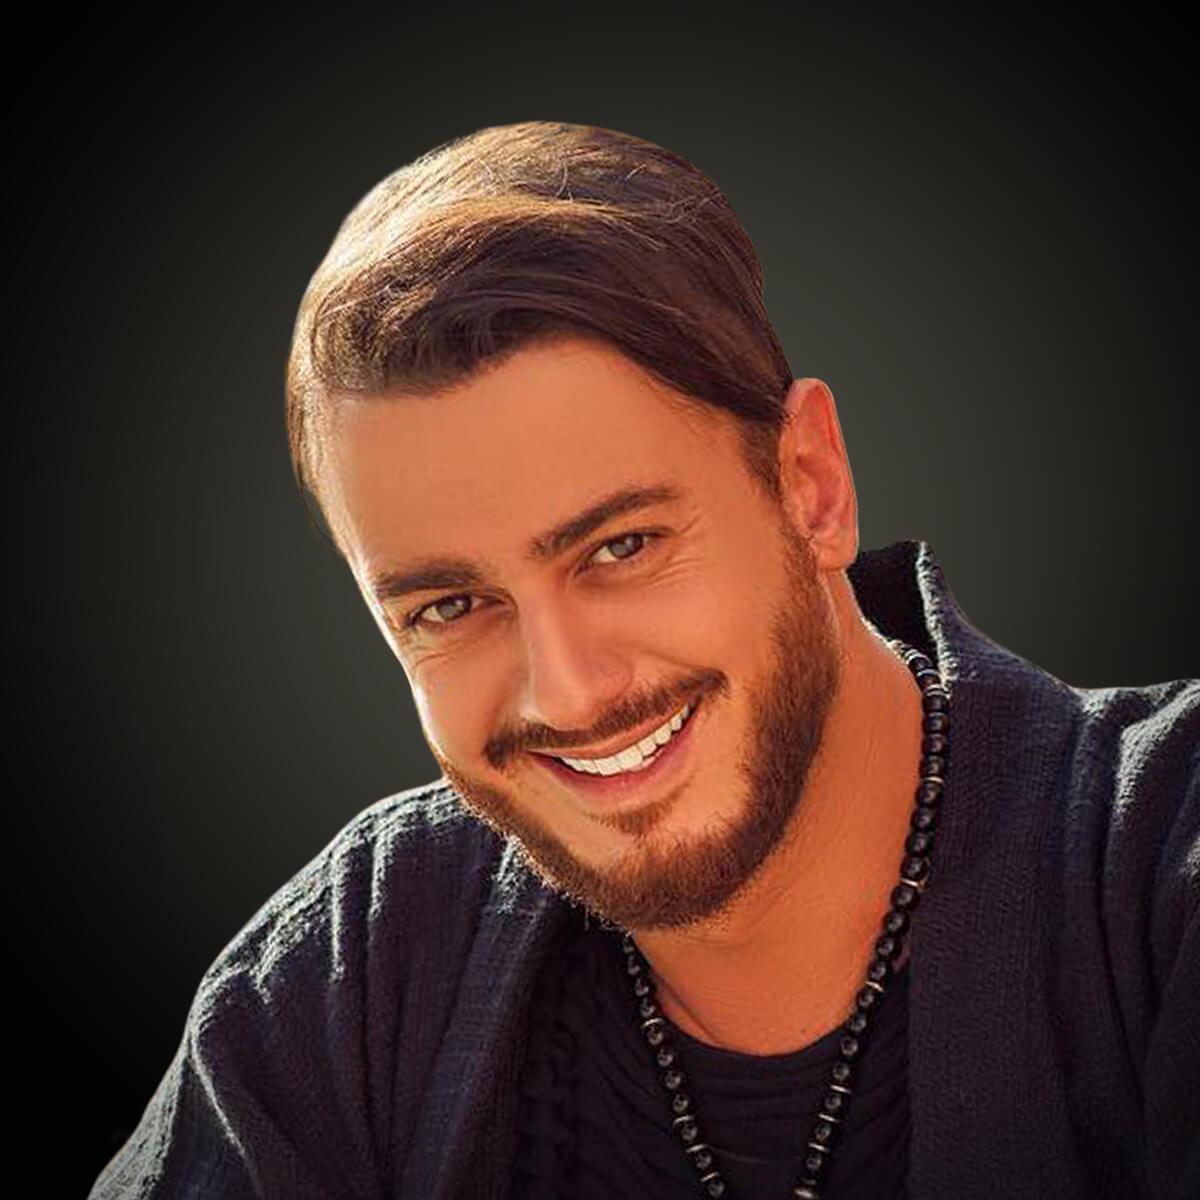 saad lamjarred arab singer